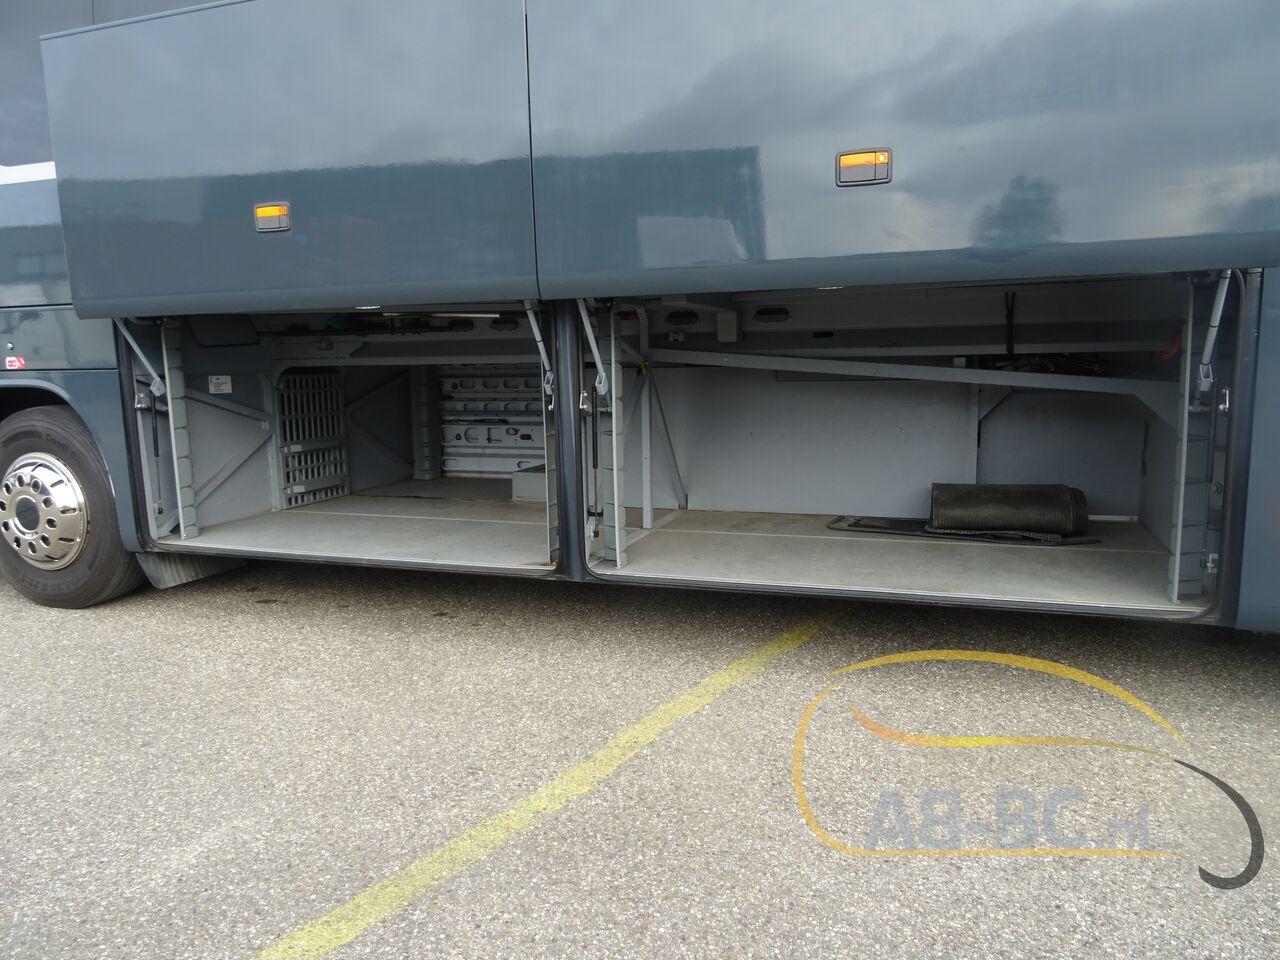 coach-busSETRA-S415-GT-HD-FINAL-EDITION---1627456909862782949_big_10dbbc159c3df82f35c34ce6f279532d--21050713010665719300